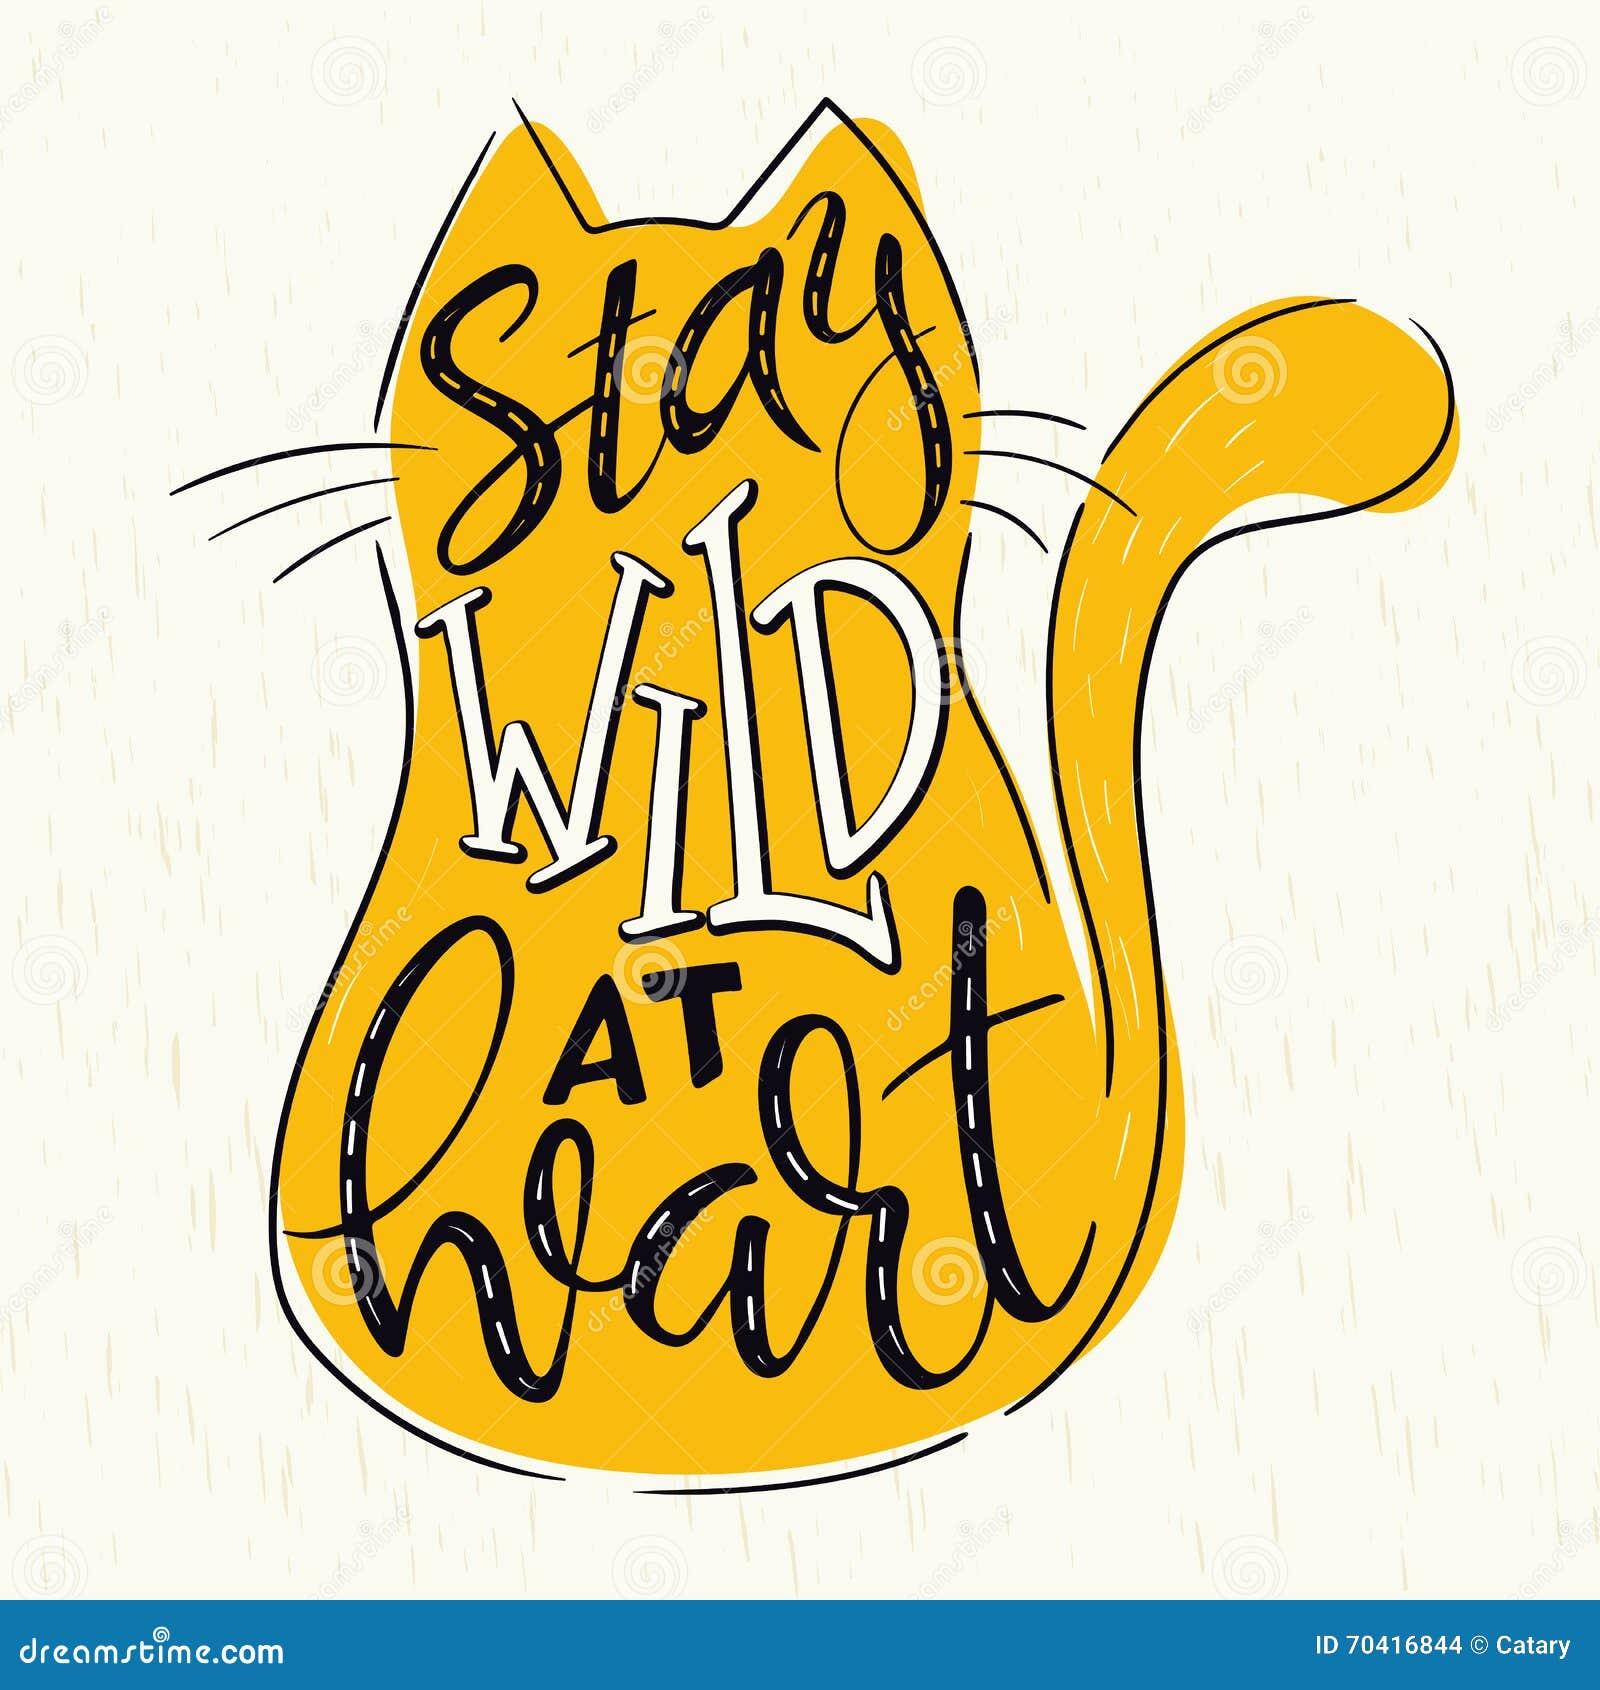 Vectorhand het van letters voorzien citaat - verblijfswildernis bij hart - in kattensilhouet op grungeachtergrond